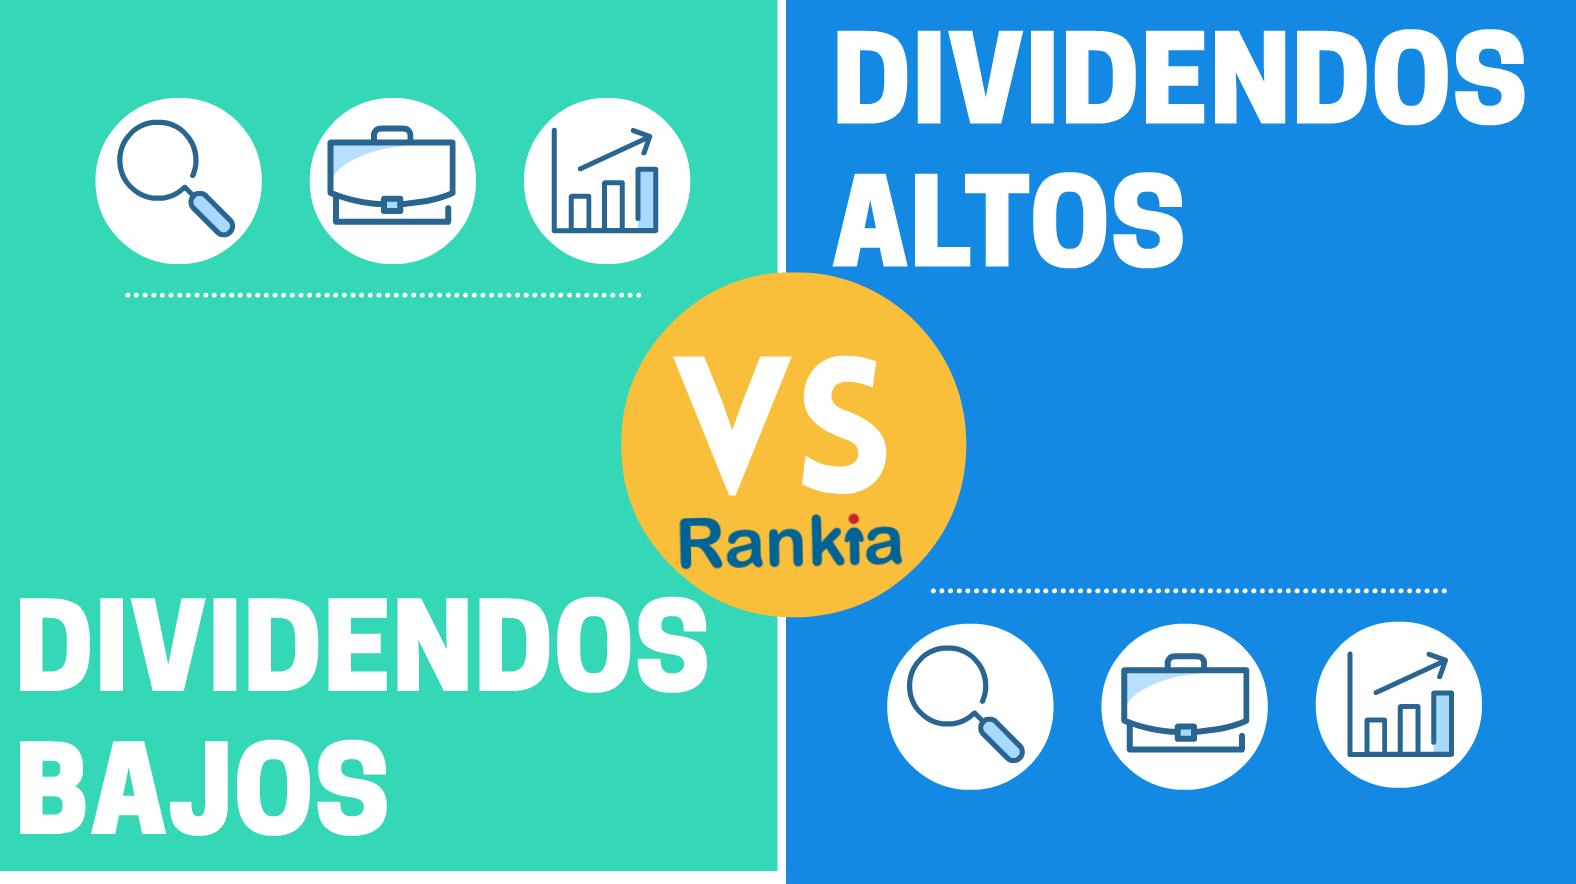 ¿Cuáles son las ventajas de pagar dividendos bajos o altos?